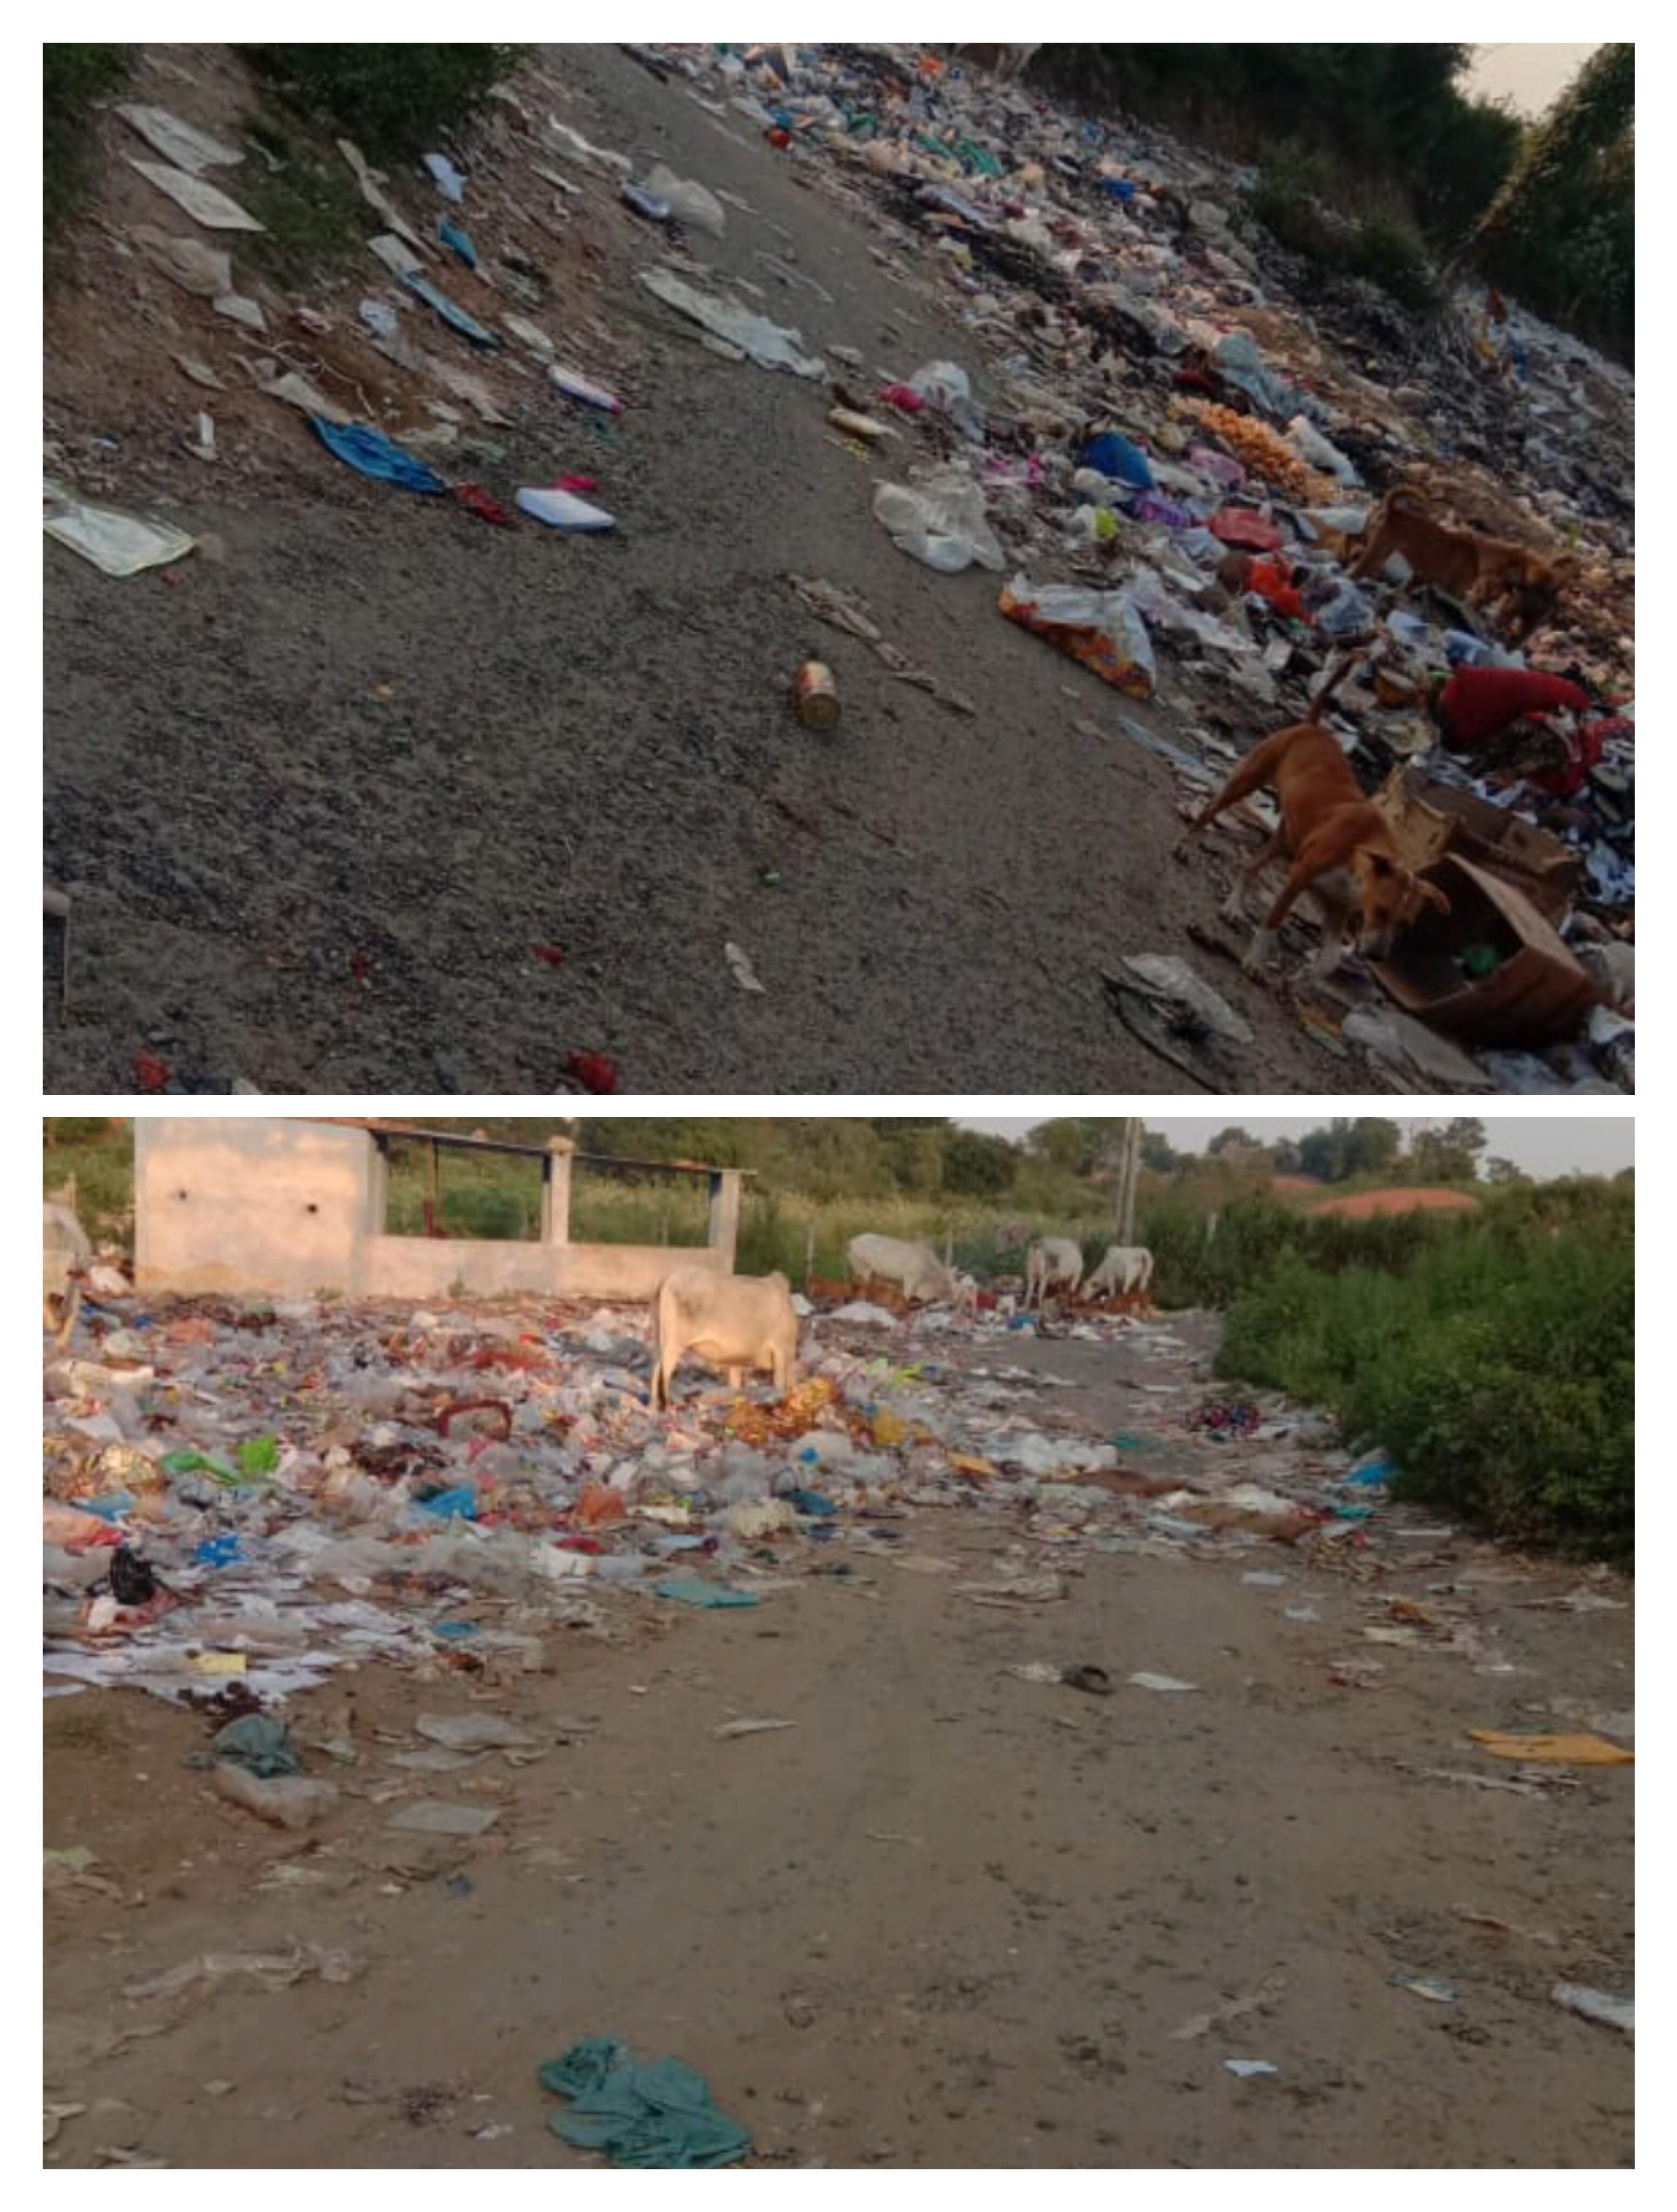 ફતેપુરામાં જાહેરમાં પ્લાસ્ટિકની થેલીઓ અને ગંદકી કચરો ફેંકવામાં આવતા રોગચાળો ફાટી નીકળવાની સંભાવના